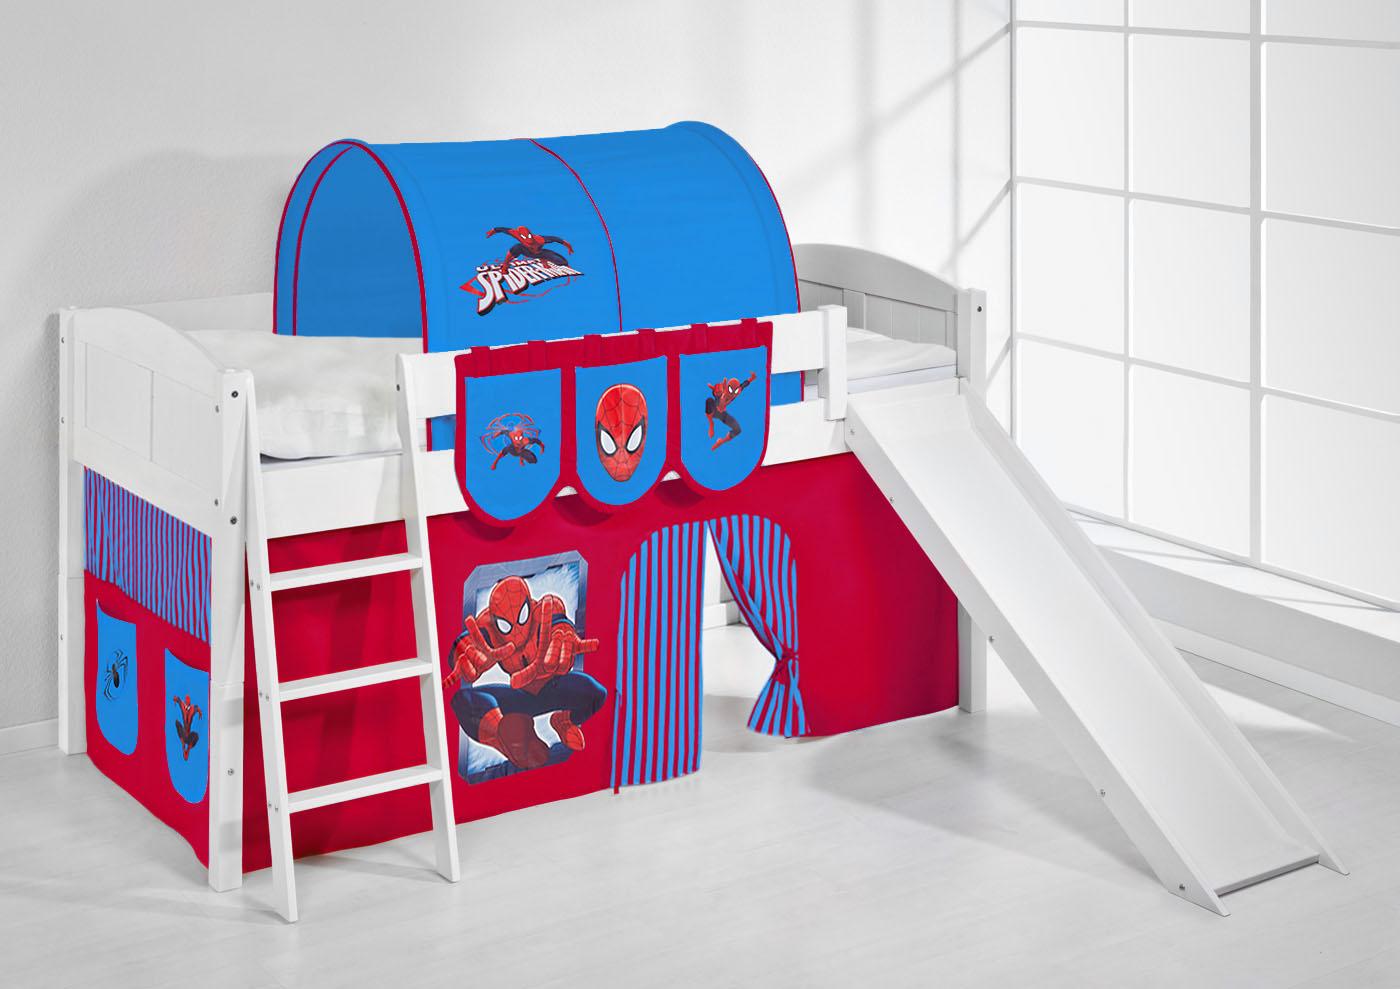 spielbett hochbett kinderbett kinder bett mit rutsche umbaubar einzelbett 4106 ebay. Black Bedroom Furniture Sets. Home Design Ideas